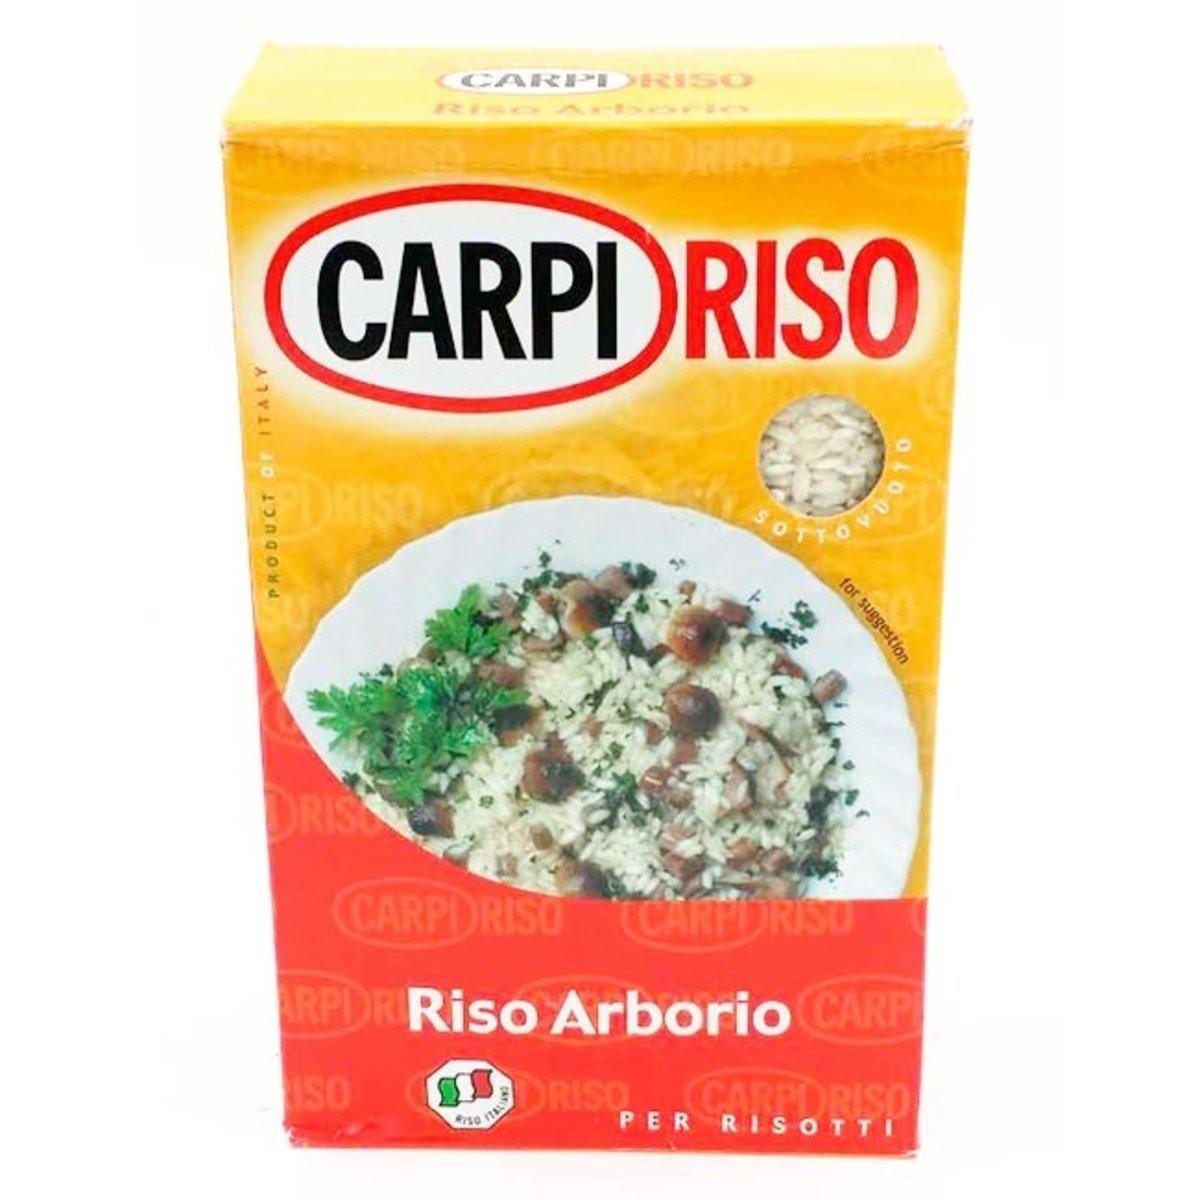 意大利米1kg